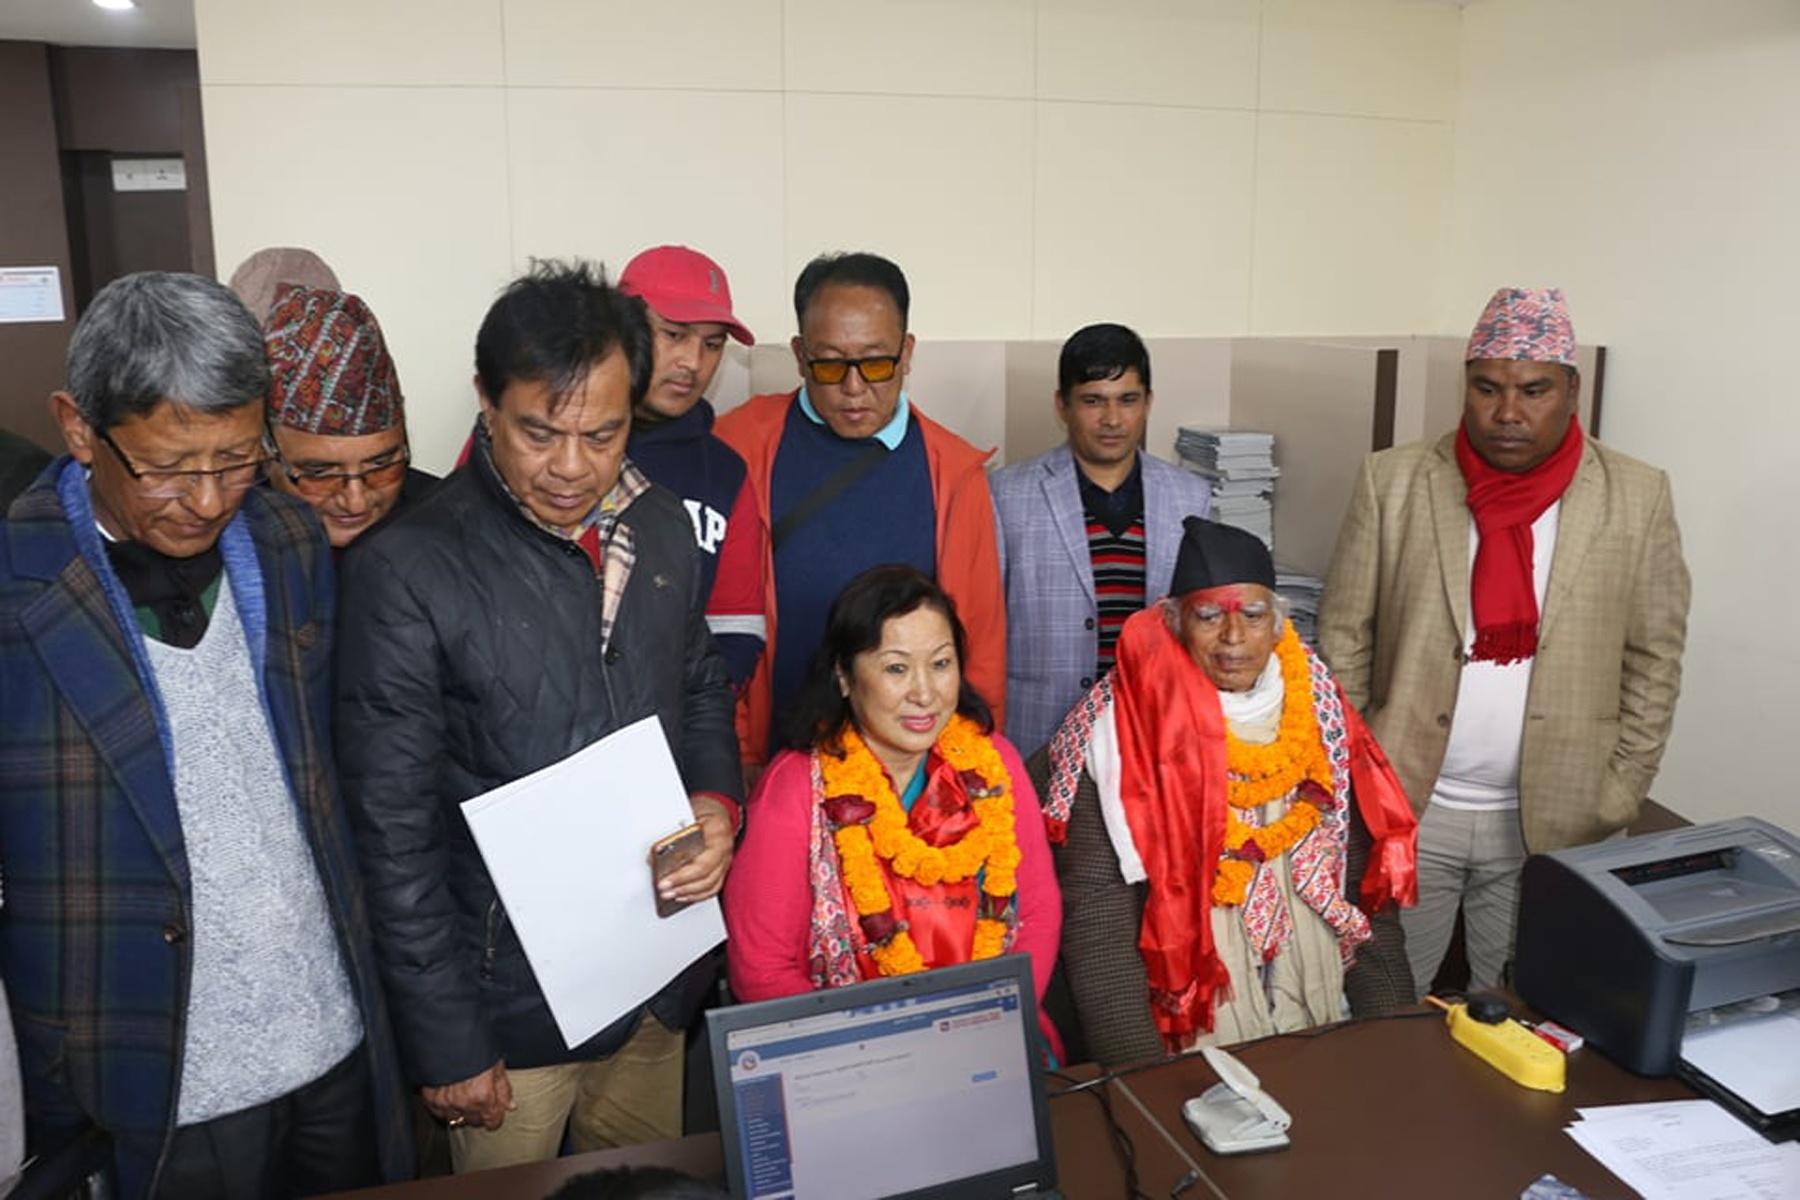 राष्ट्रिय सभाः नेकपा र काँग्रेस उम्मेदवारको मनोनयन दर्ता